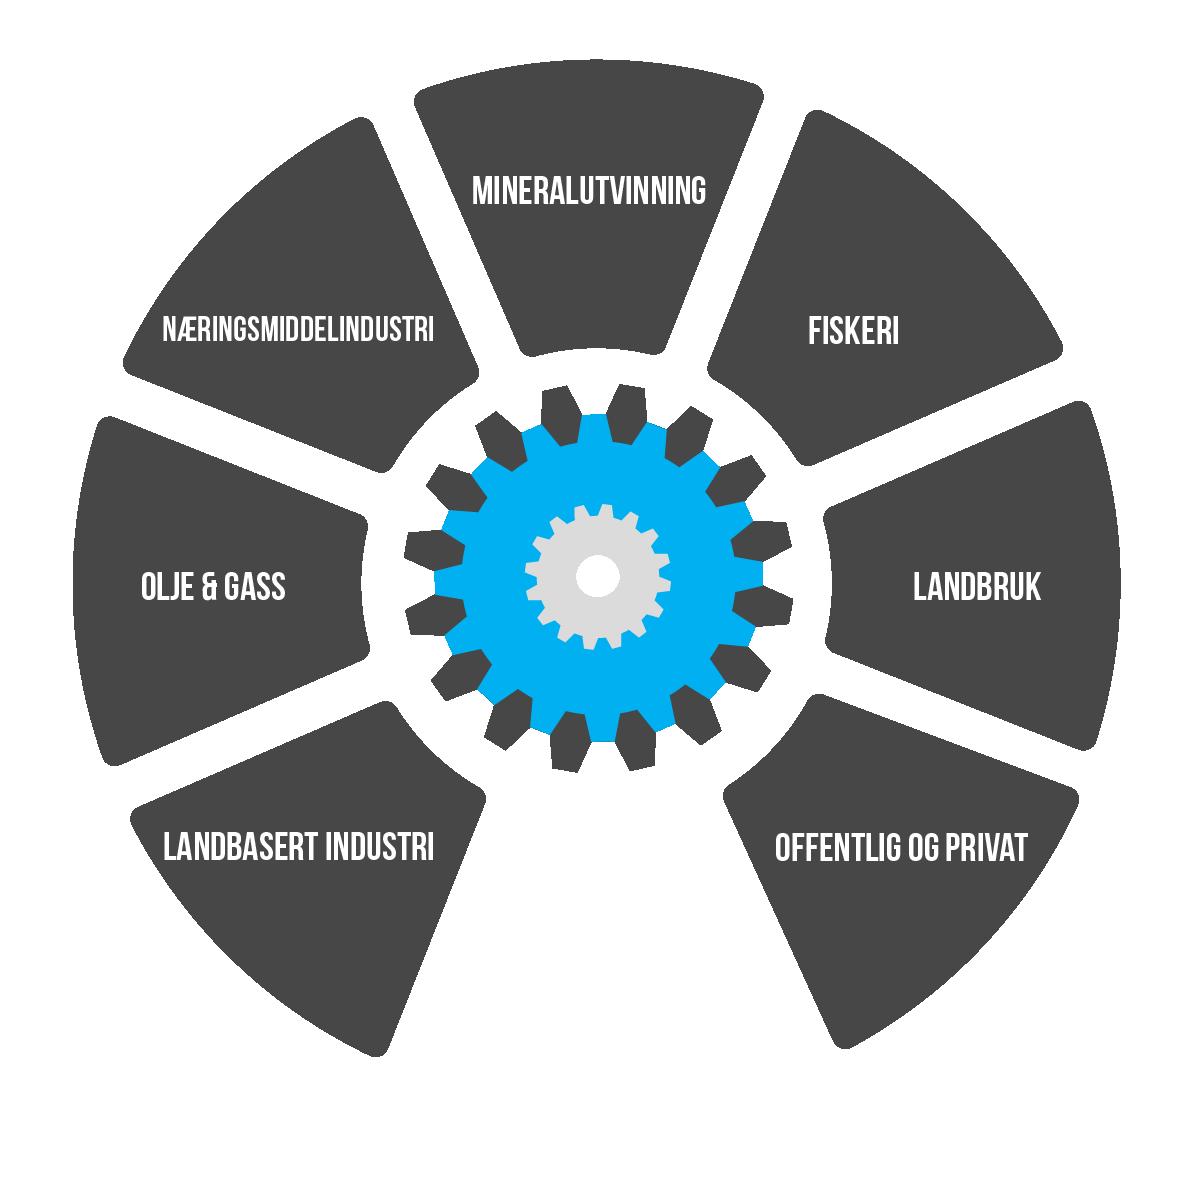 Fjordane engineering, Landbasert industri, olje og gass, næringsmiddelindustri, mineralutvinning, fiskeri, landbruk, offentlig og privat